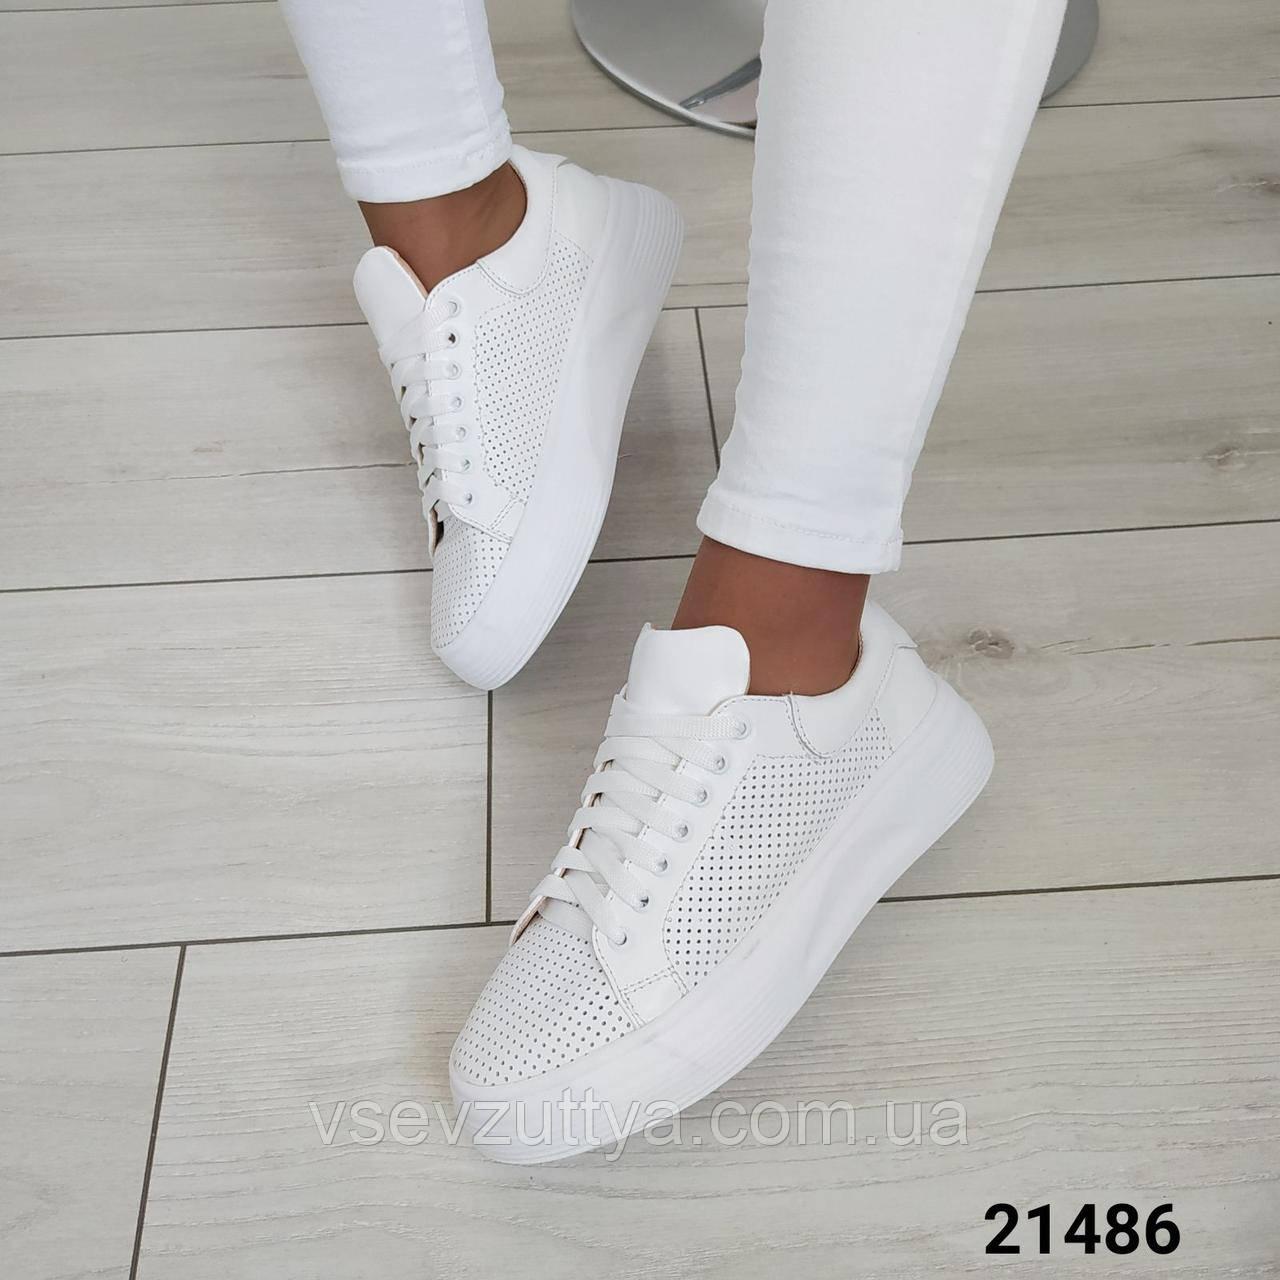 Кроссовки женские кожаные белые